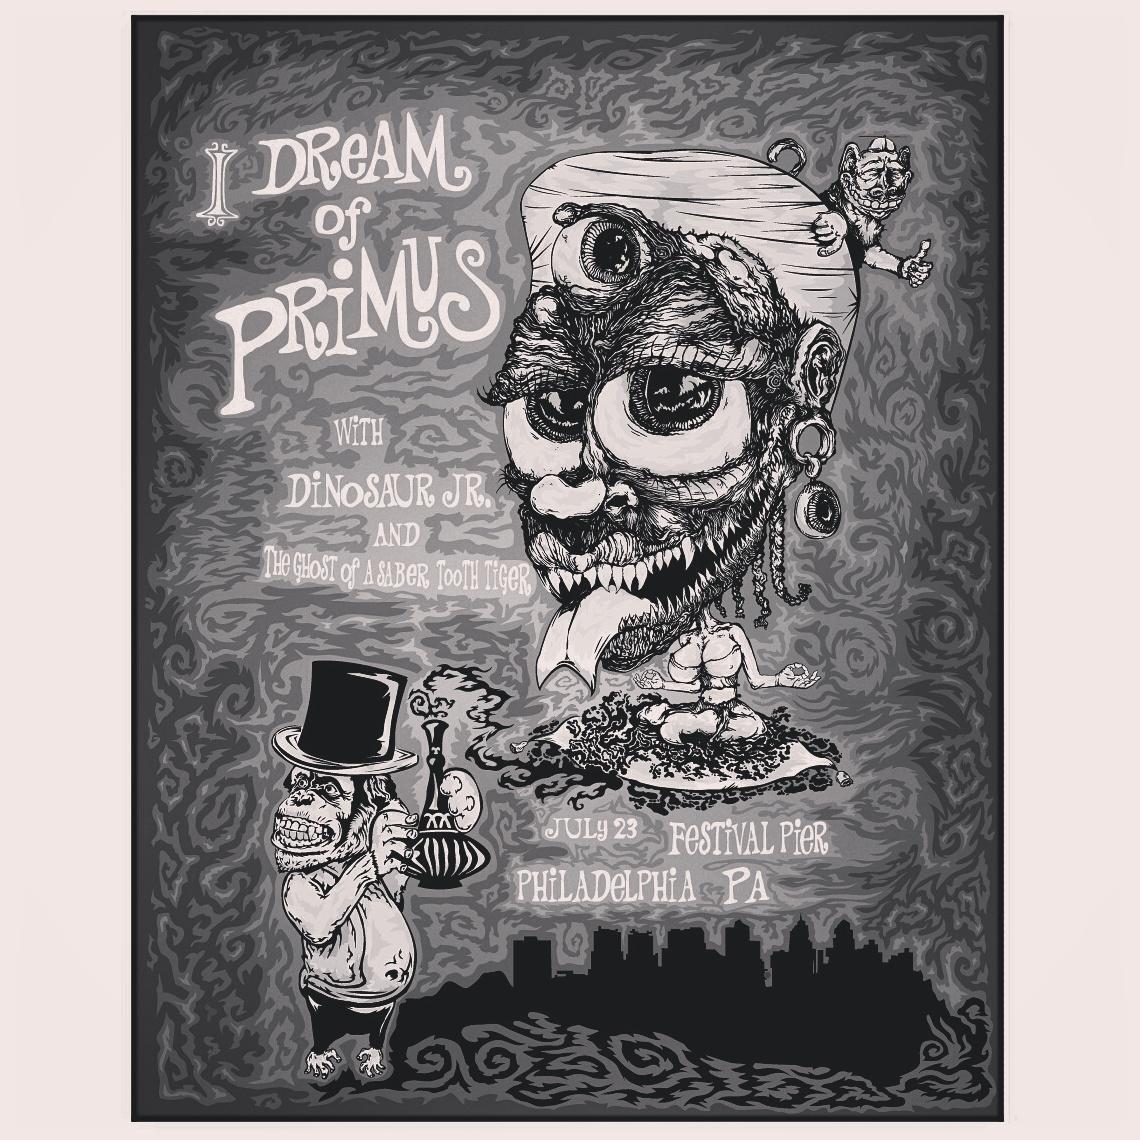 Primus festival pier